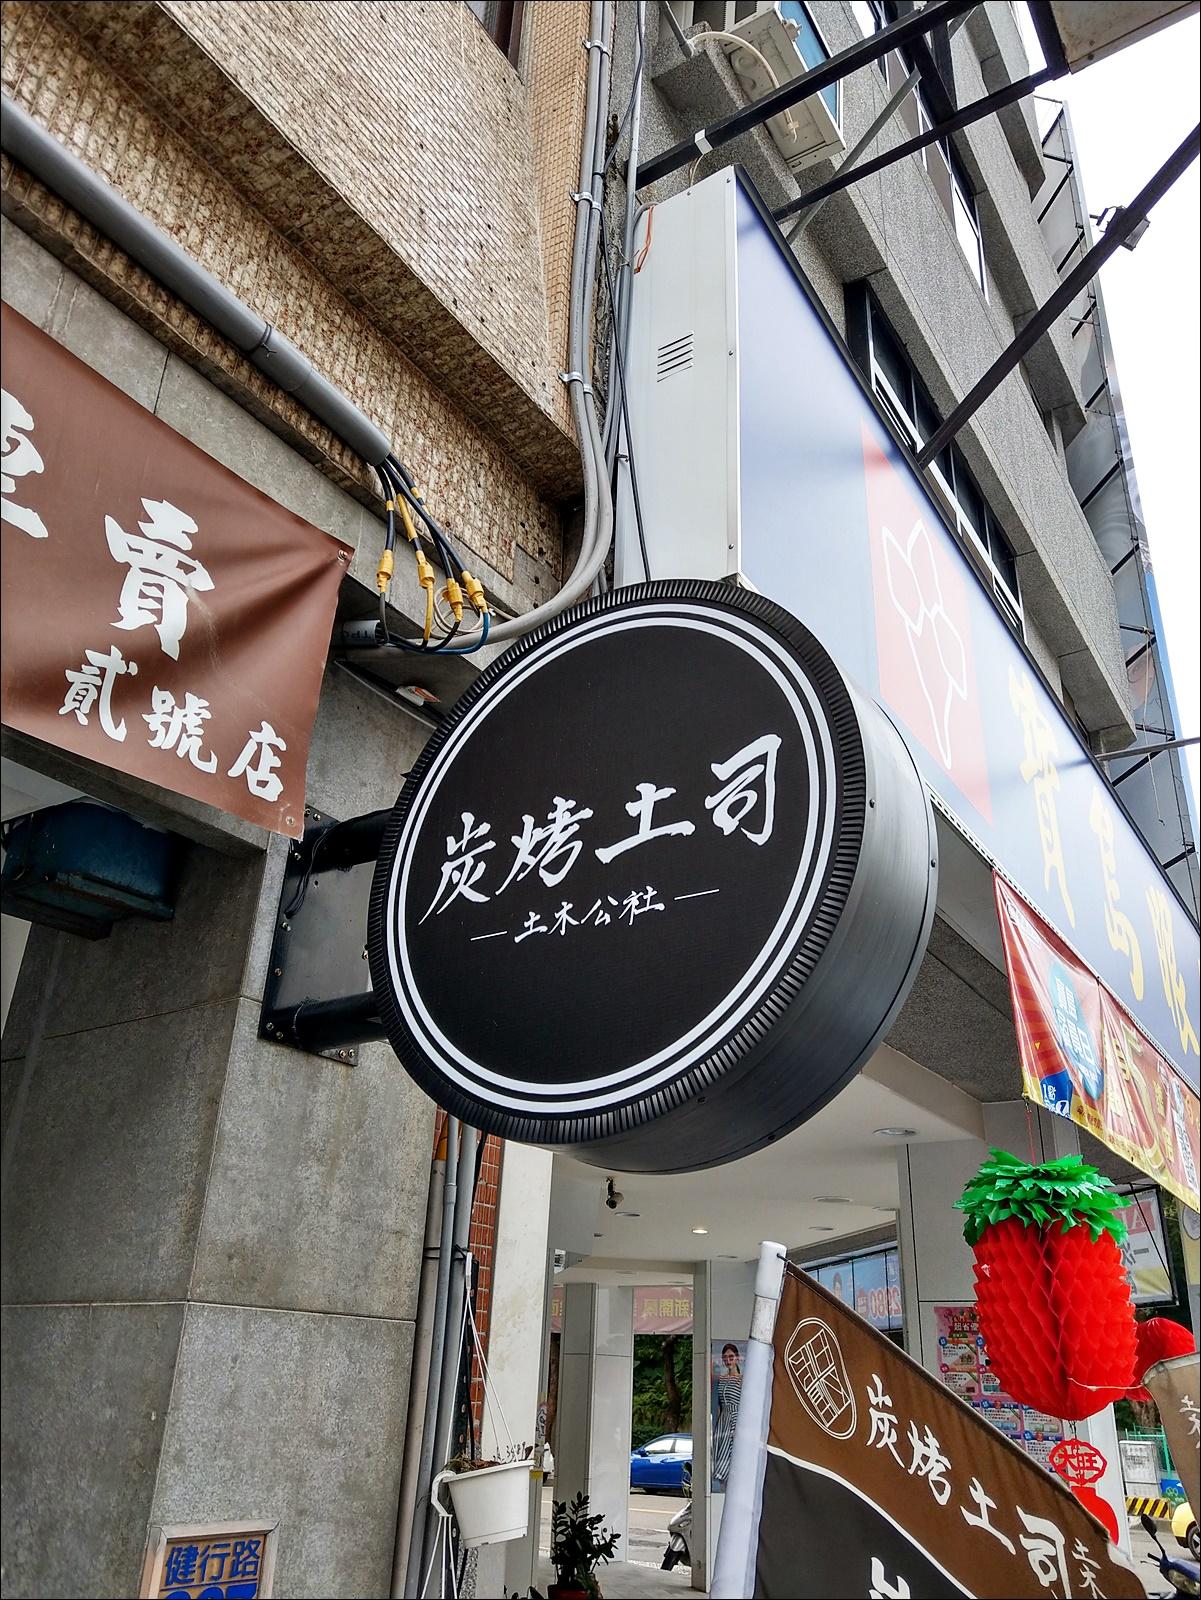 土木公社貳號店